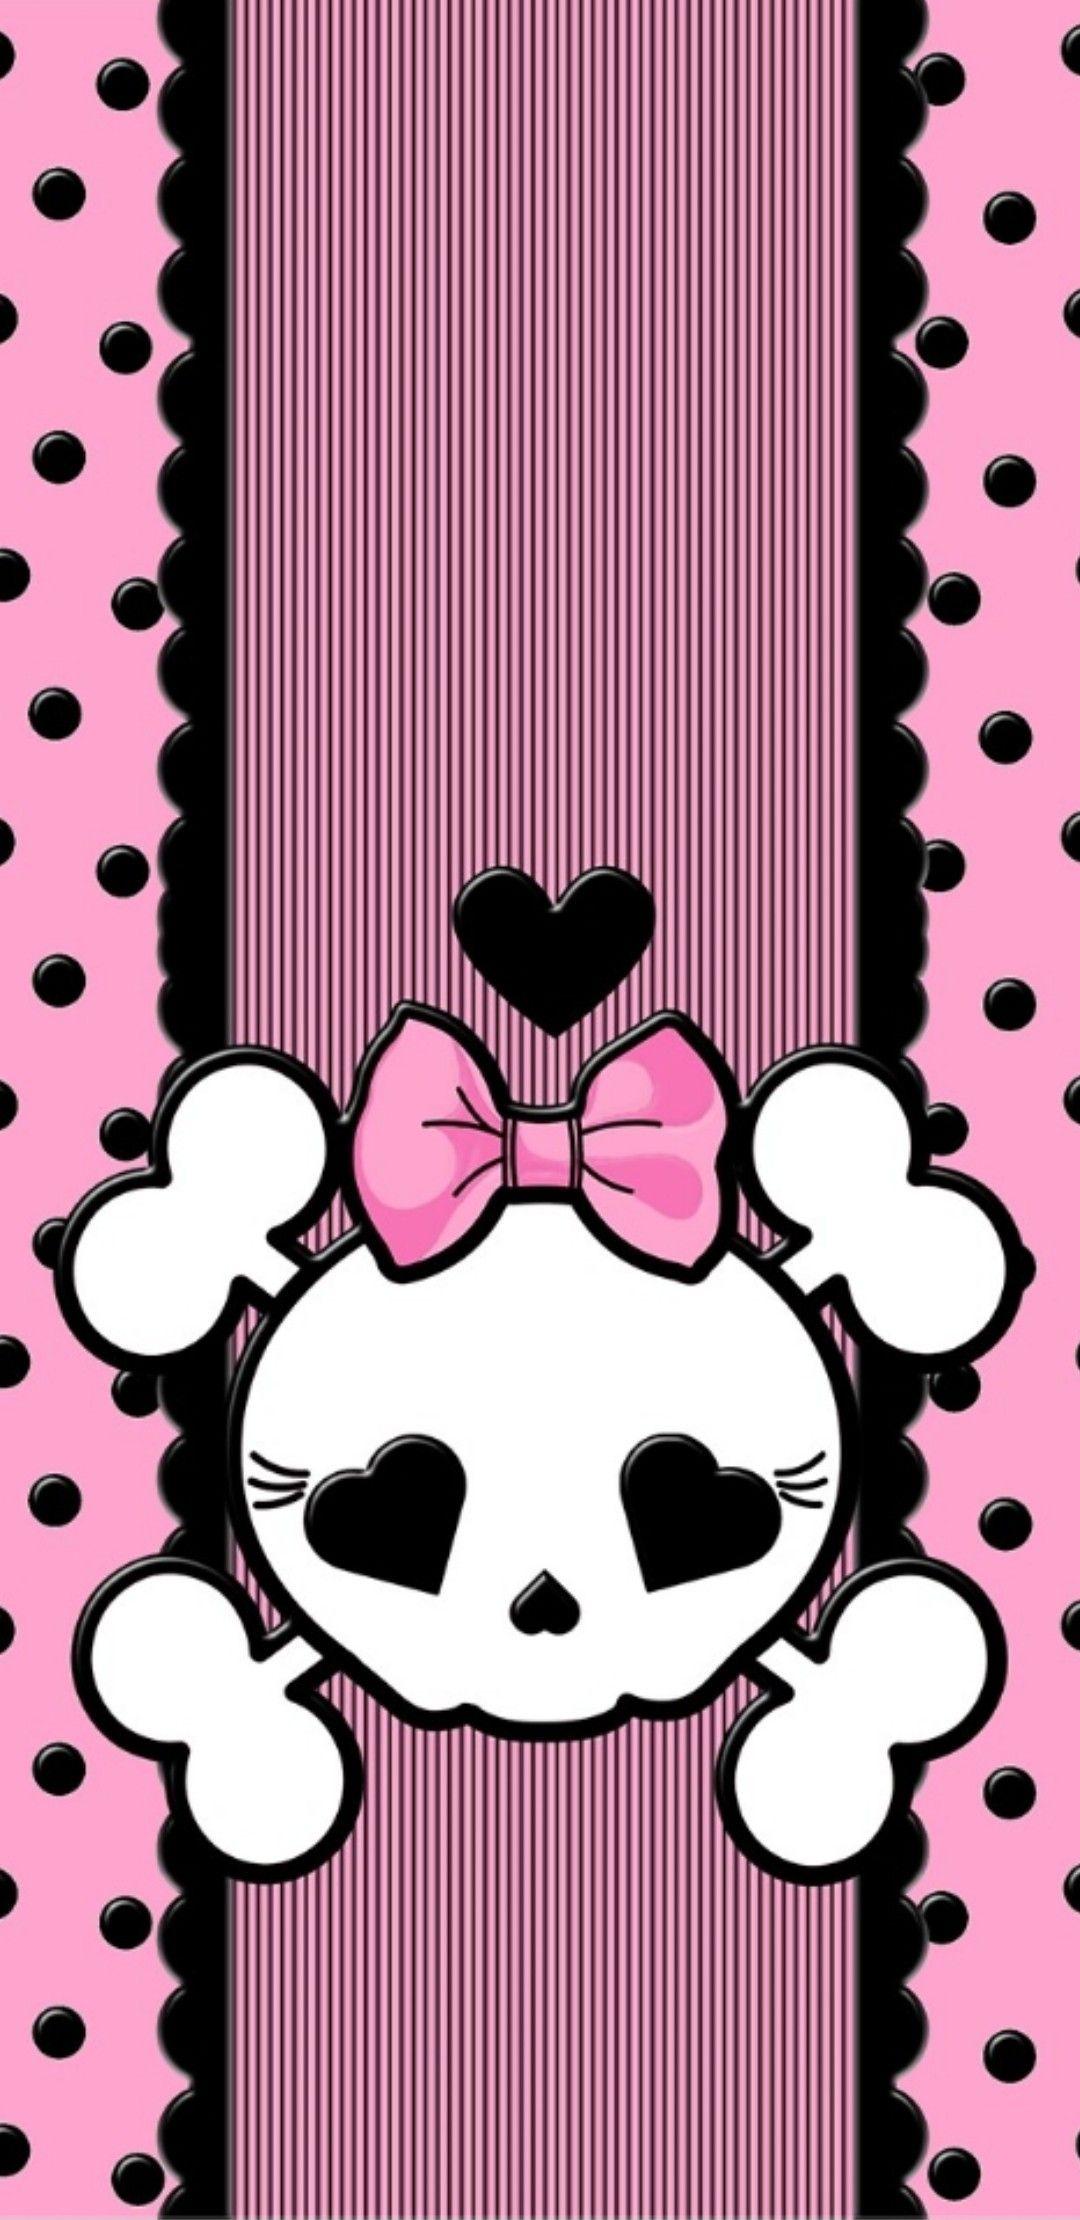 Pin By Nikkladesigns On Skulls Pink Skull Wallpaper Skull Wallpaper Phone Wallpaper Patterns